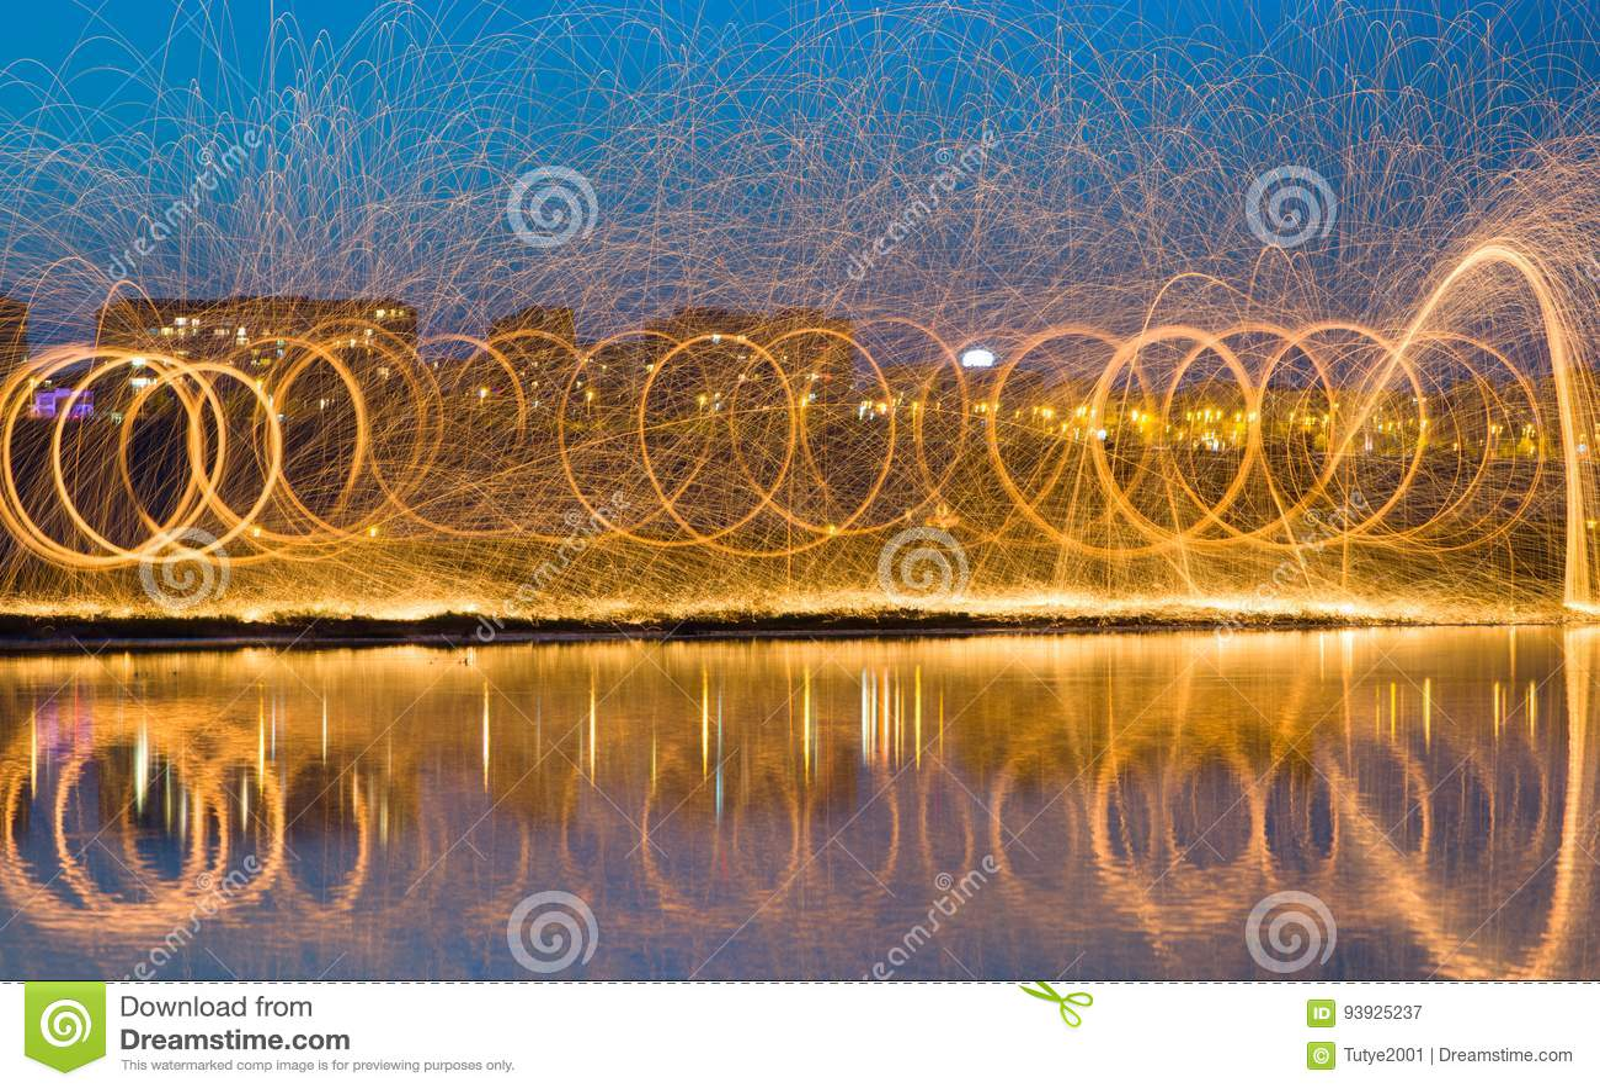 Chispas de oro calientes que vuelan de las lanas de acero ardientes de giro del hombre